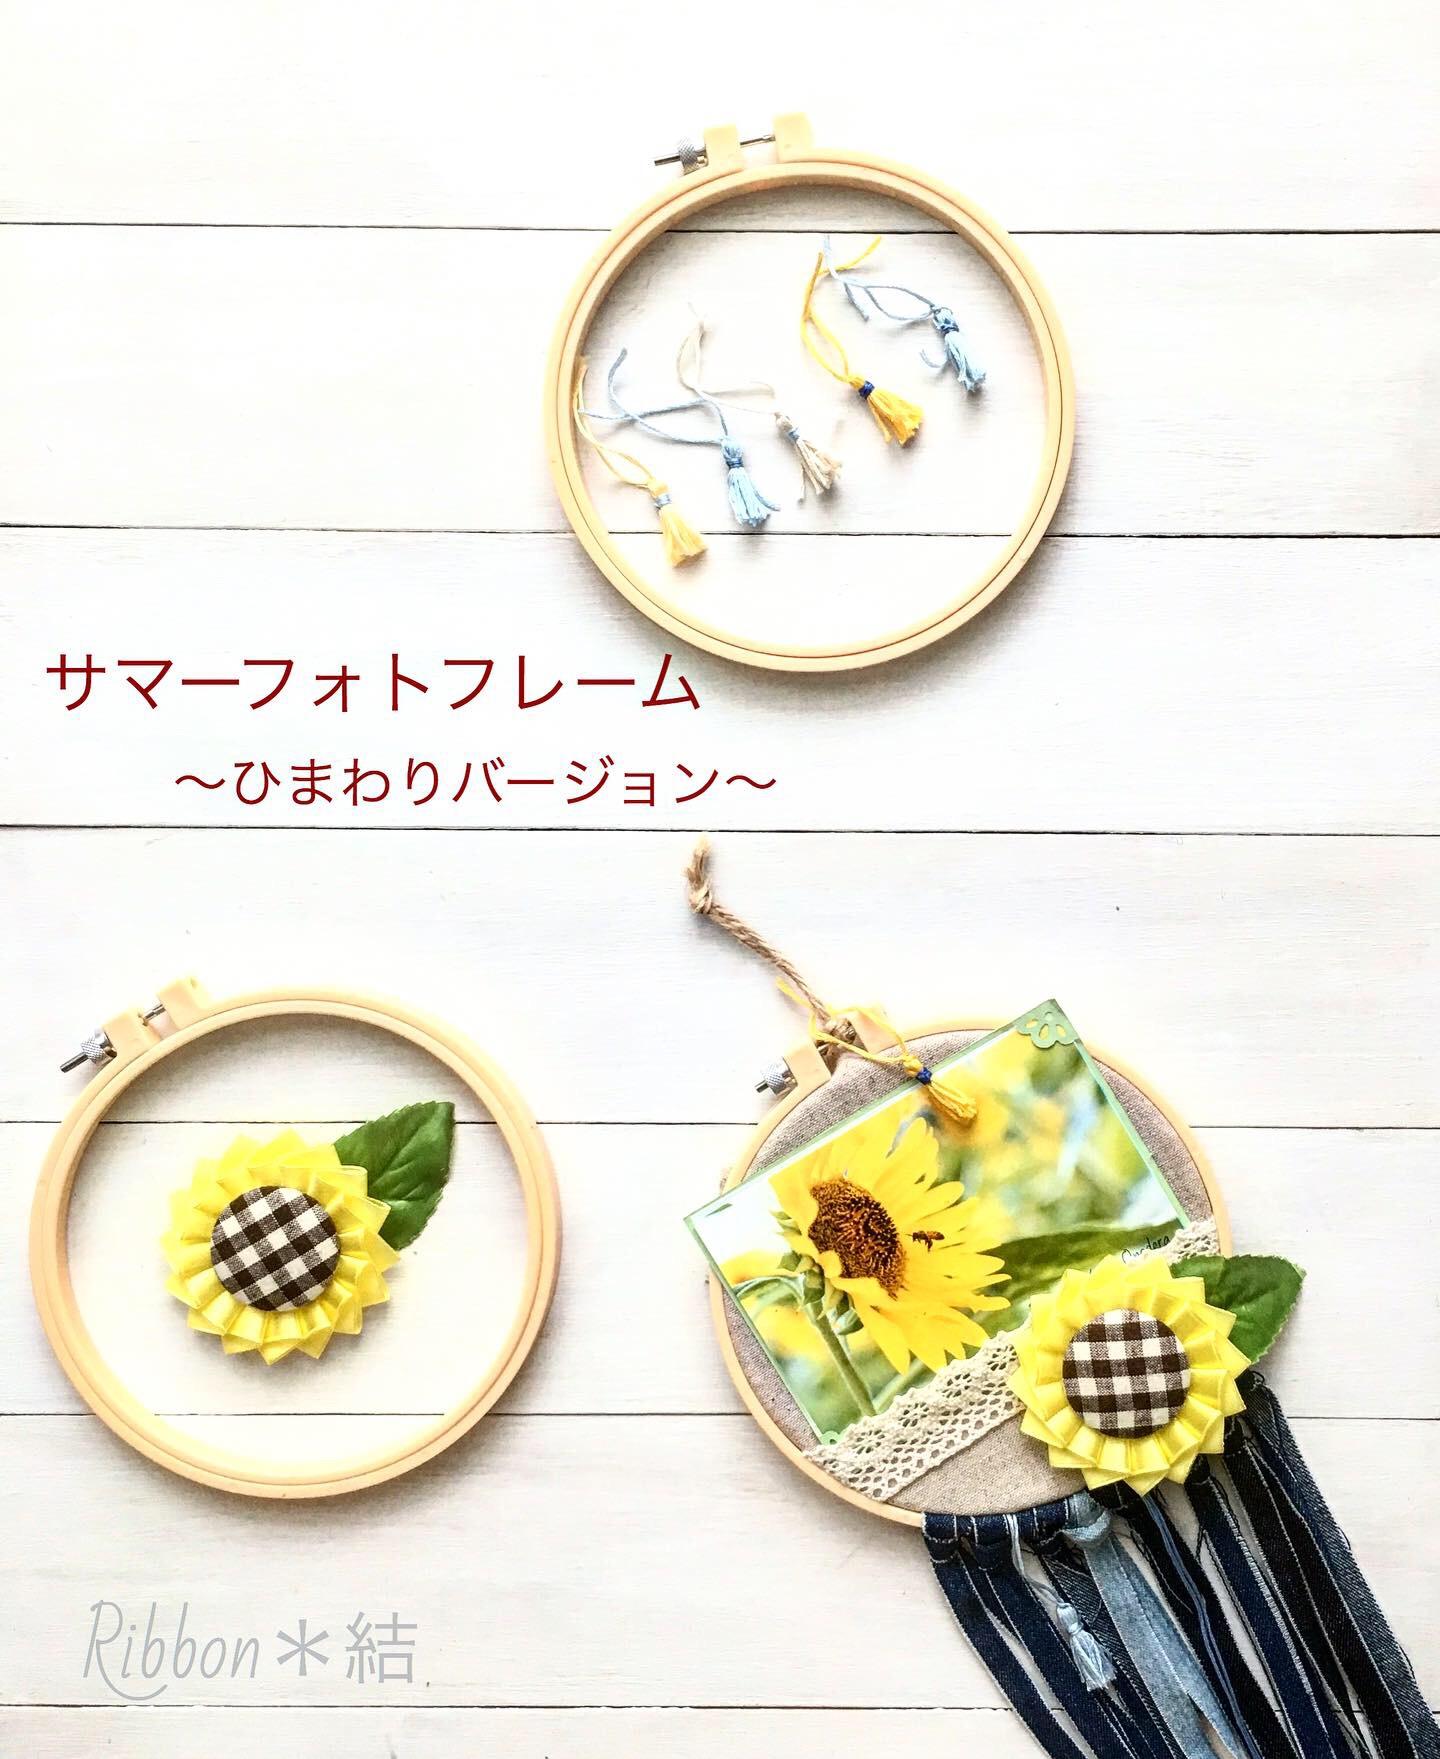 7/31(水)夏休み親子で作ろう! 〜サマーフォトフレーム作り〜